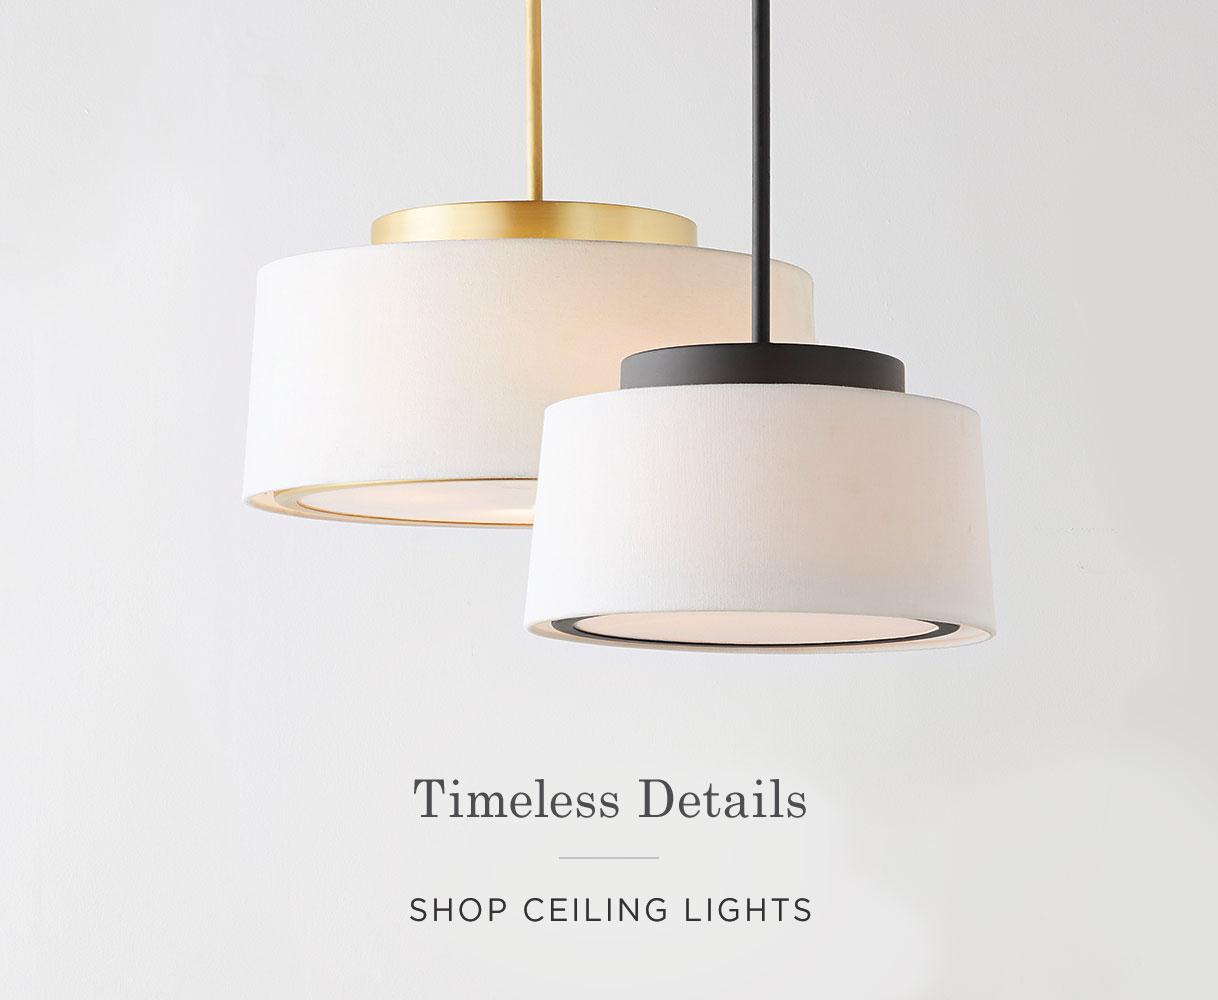 Shop Ceiling Lights